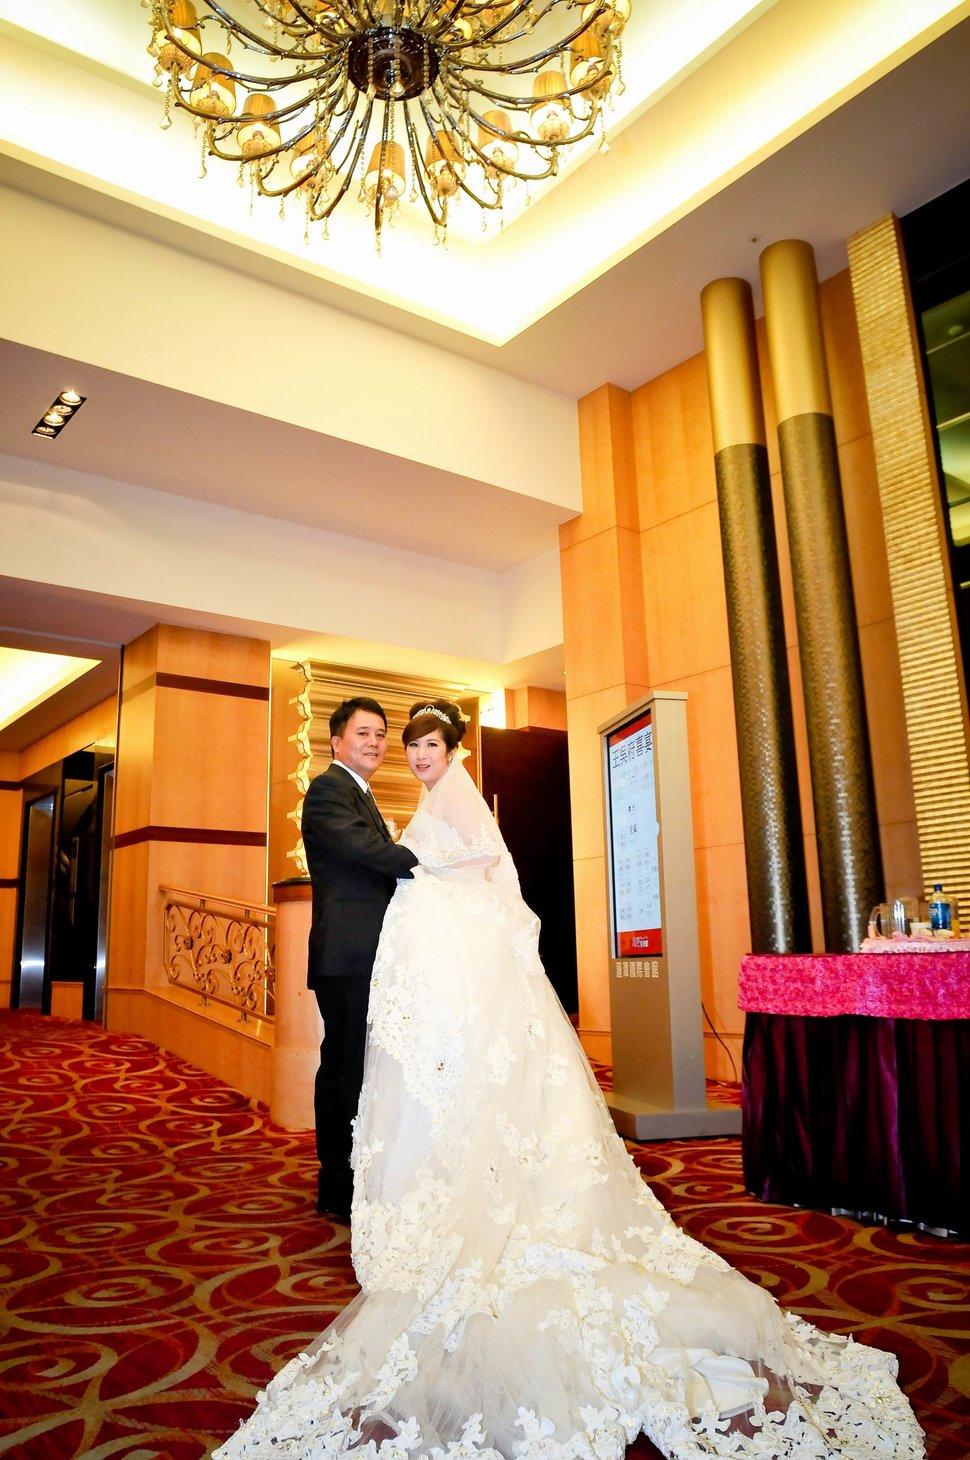 專業婚攝婚禮紀錄婚禮紀錄專業錄影婚禮錄影婚禮記錄動態微電影錄影專業錄影平面攝影婚攝婚禮主持人(編號:280572) - 蜜月拍照10800錄影12800攝影團隊 - 結婚吧